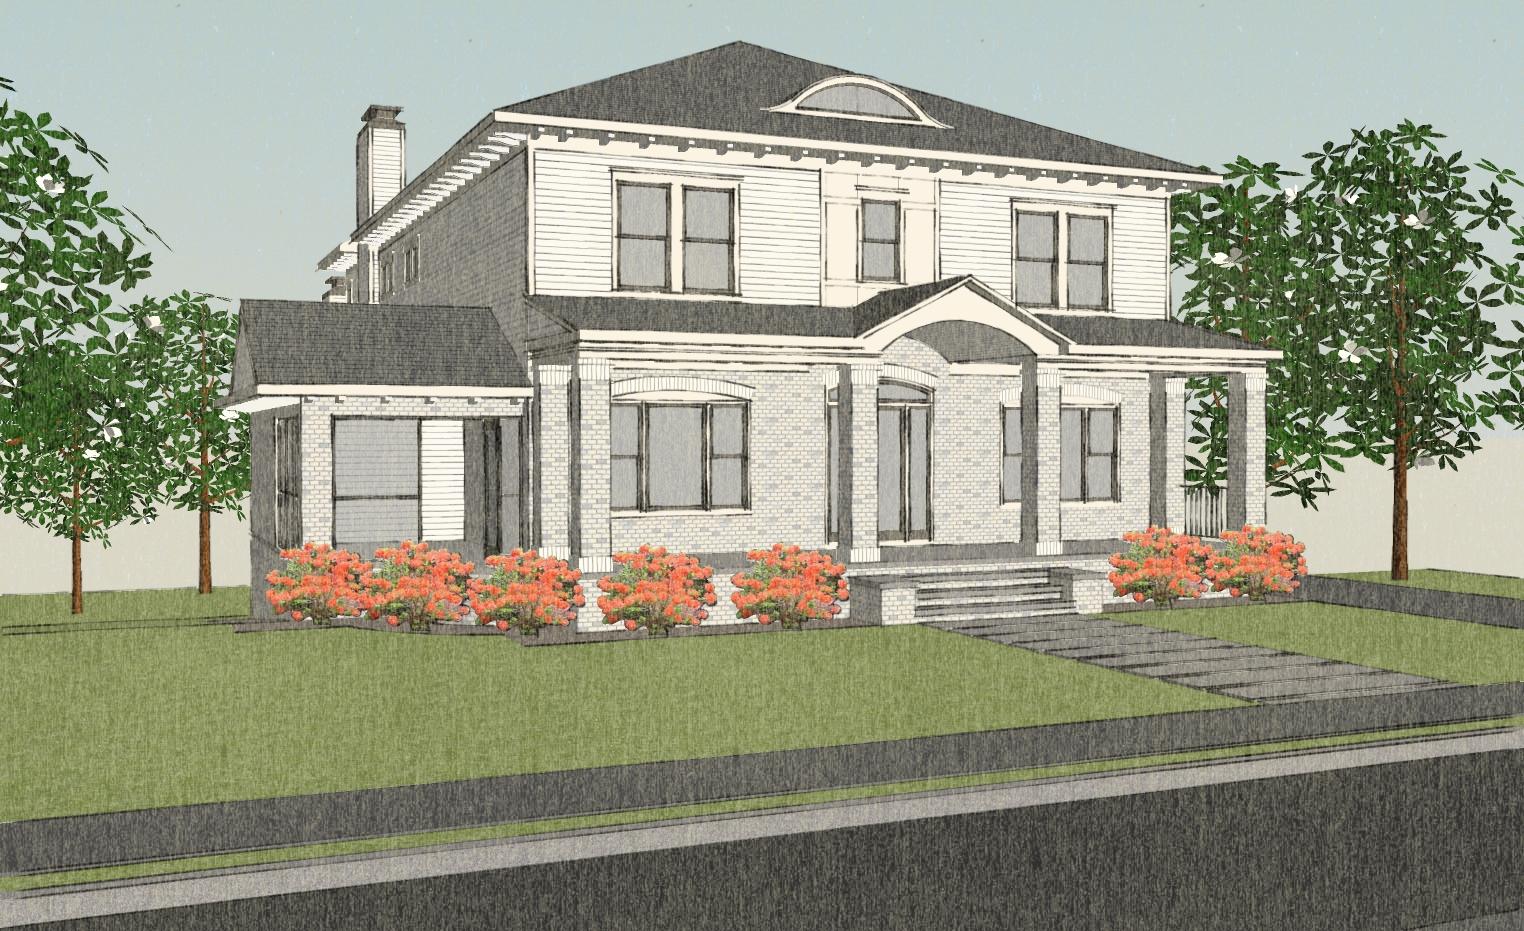 1488 North Highland Ave.  Complete Restoration/Renovation (SOLD)